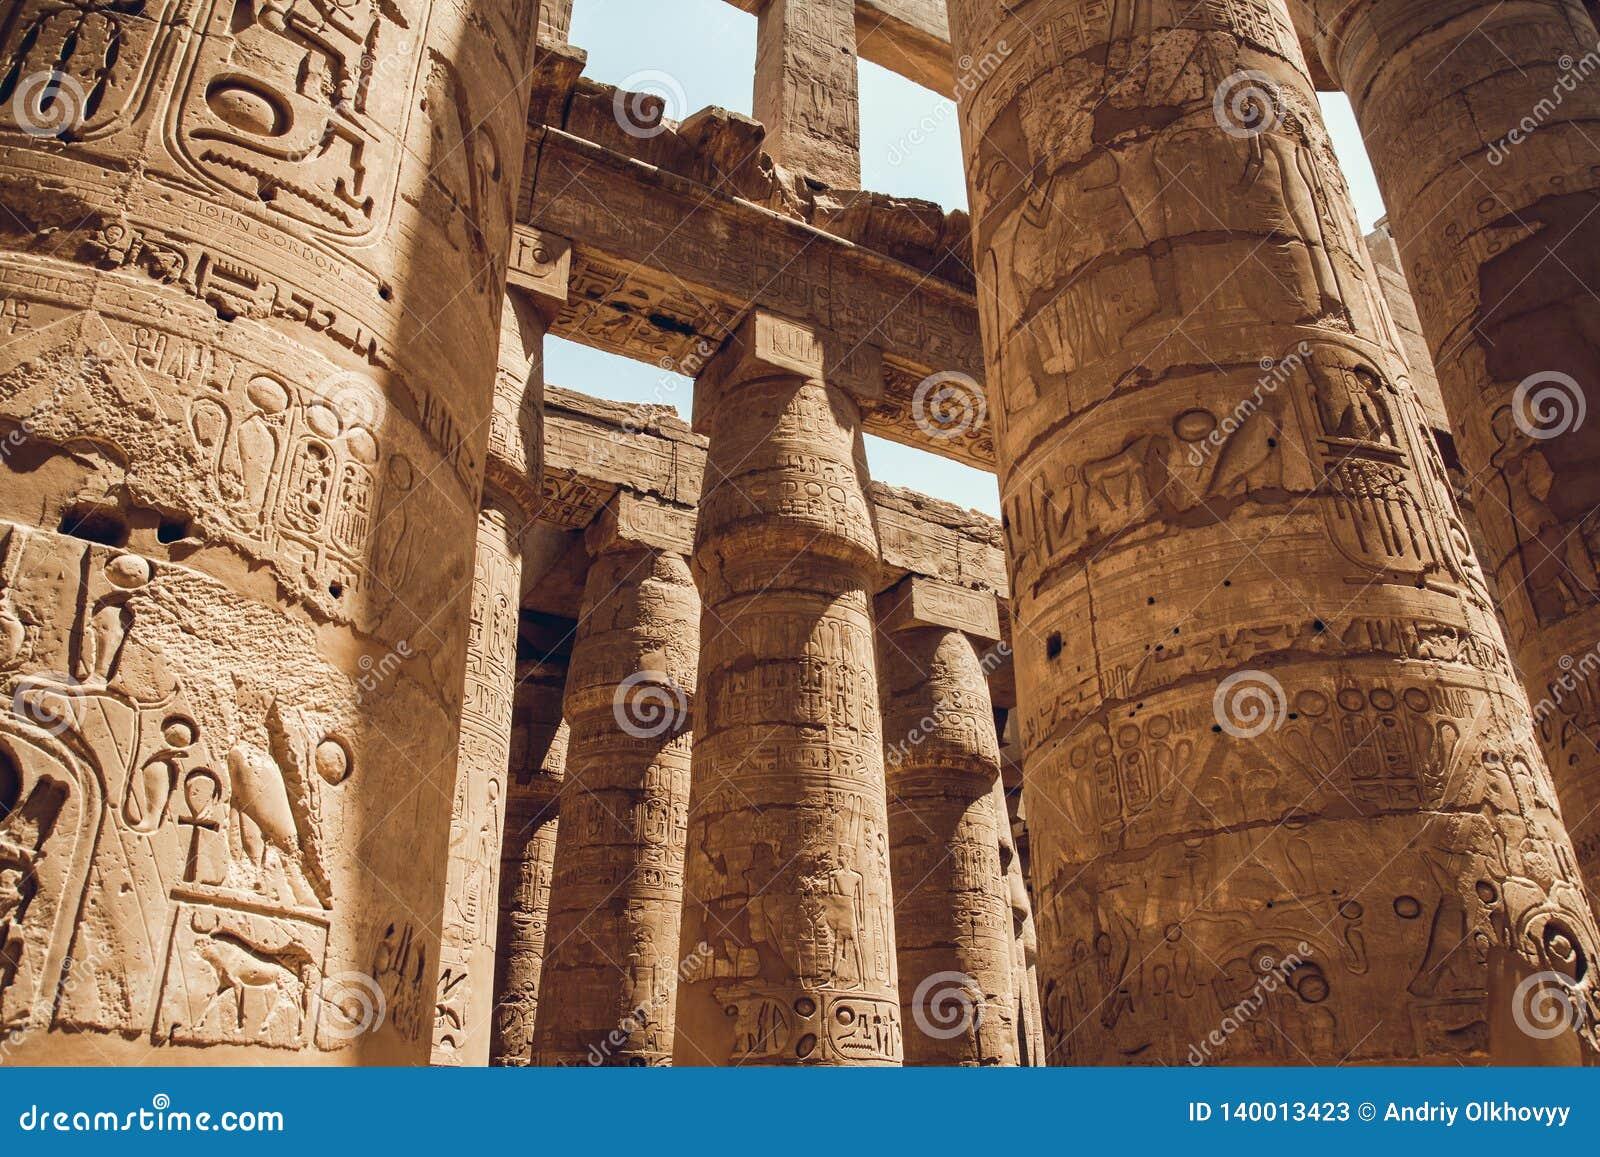 Colonne con i geroglifici in tempio di Karnak a Luxor, Egitto Corsa